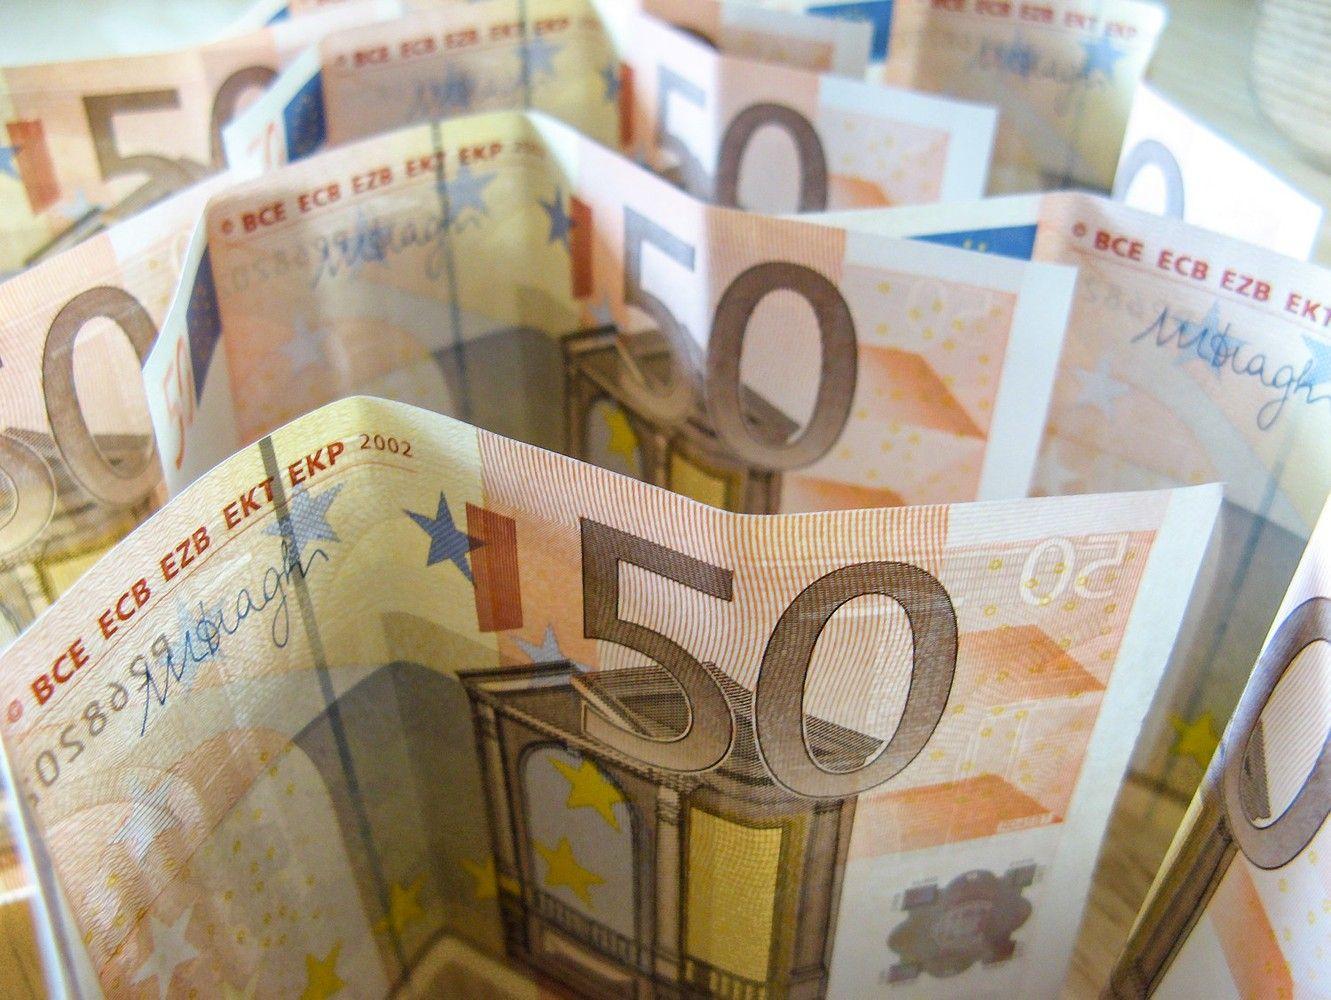 Vyriausybė šešeriems metams pasiskolino 15 mln. Eur